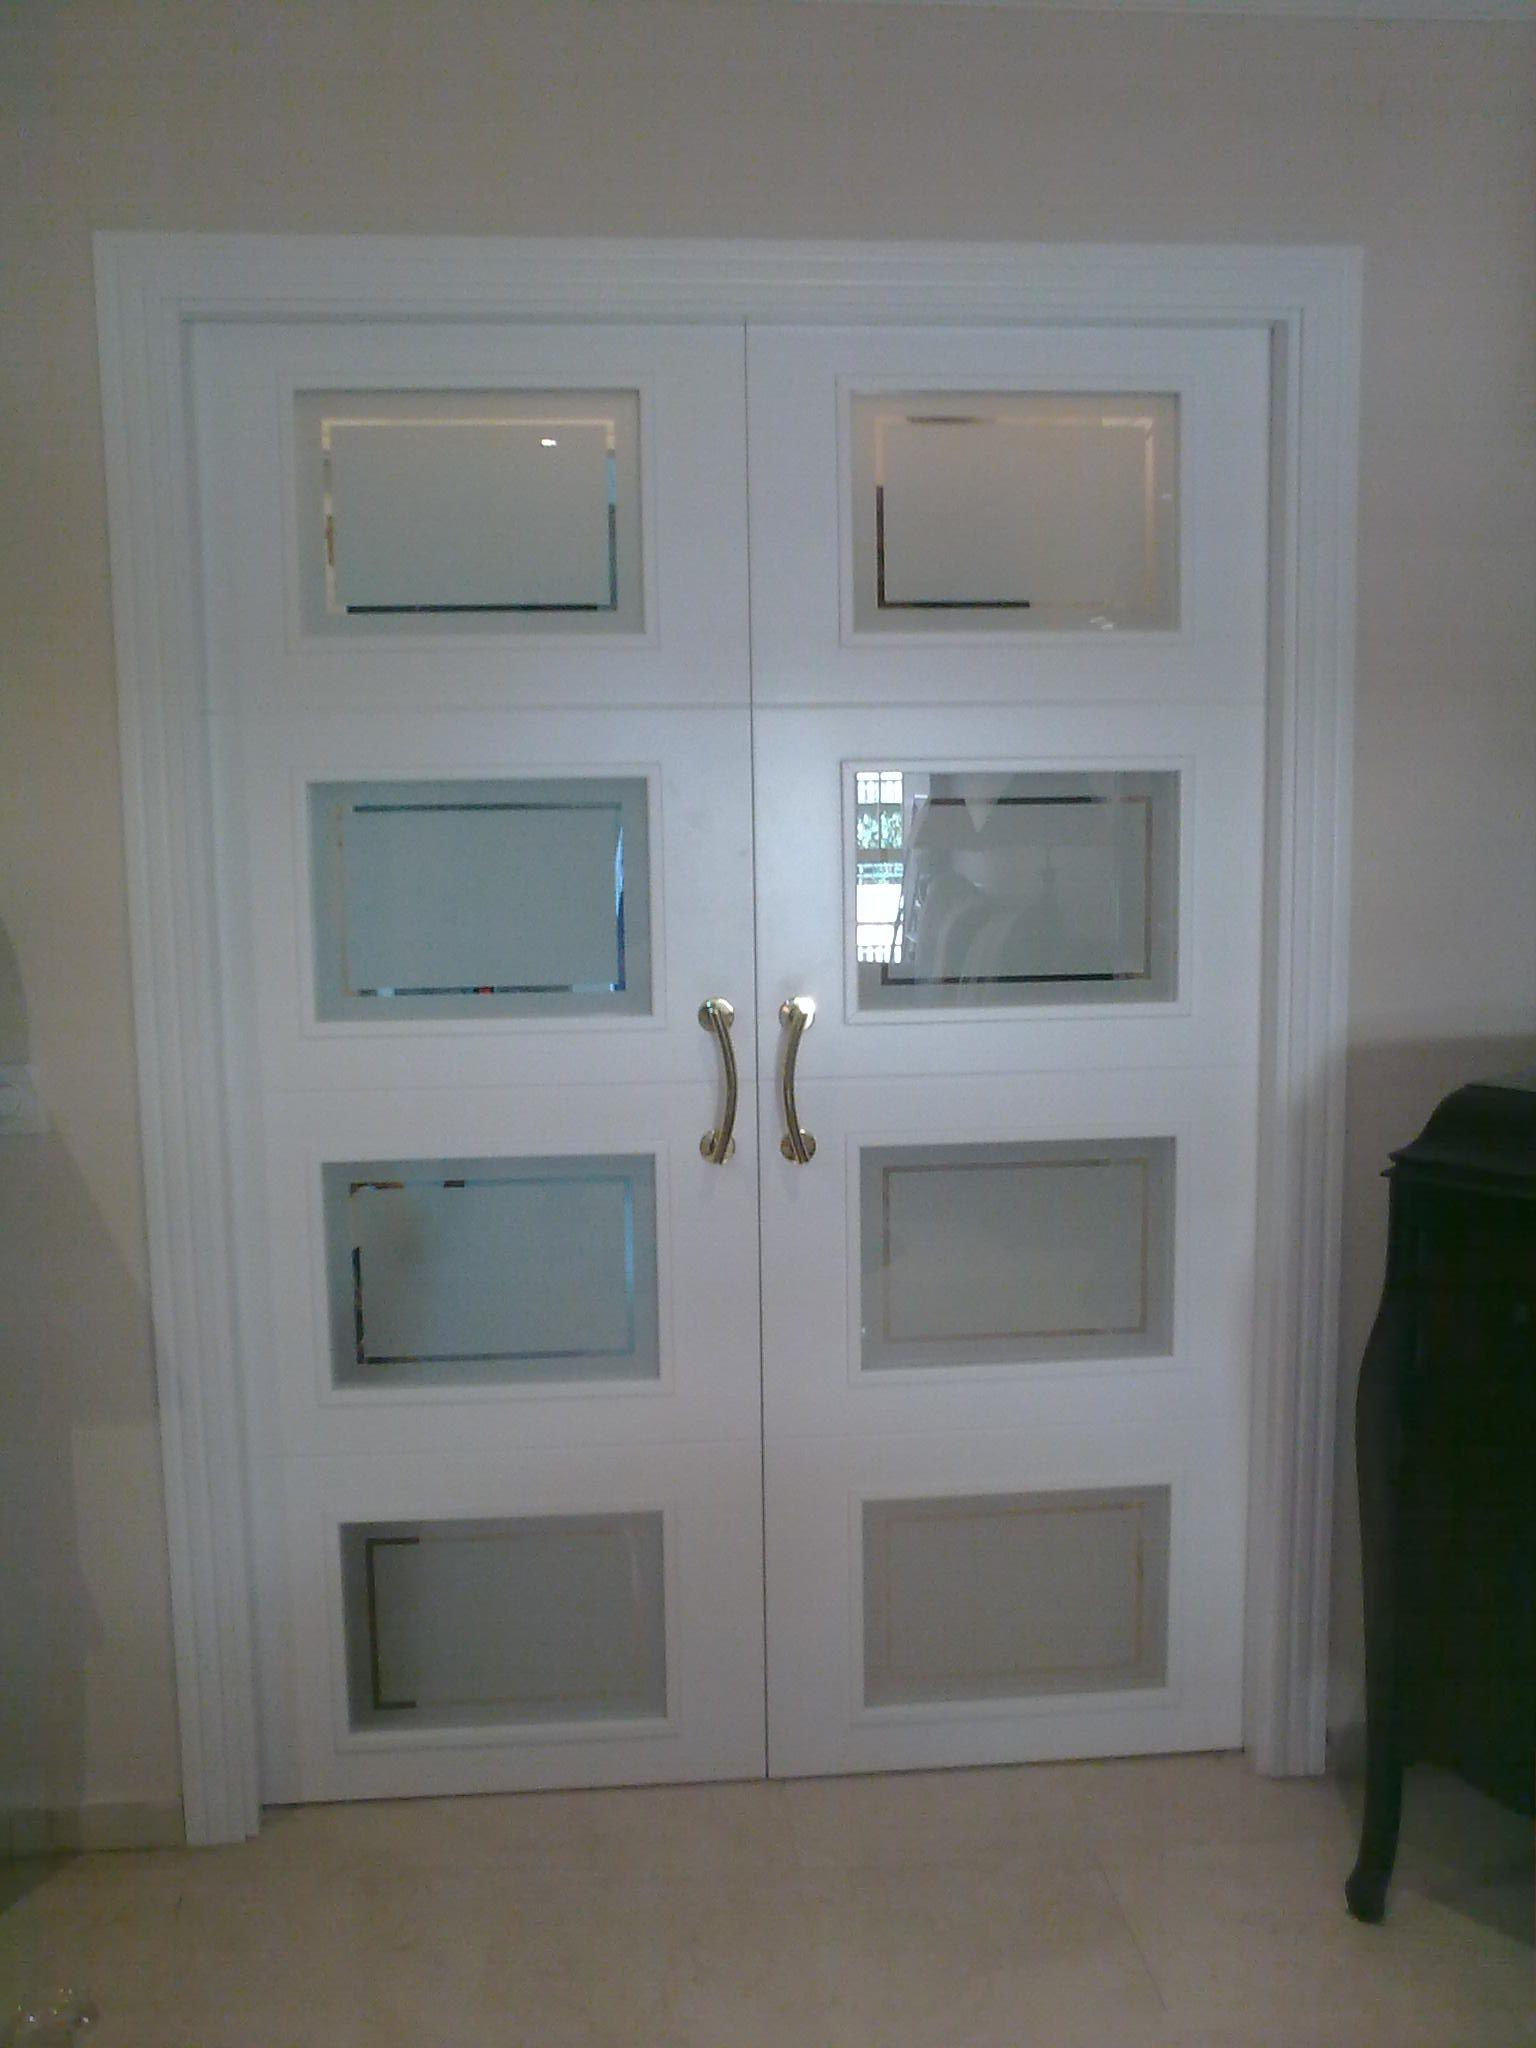 5t12 v57 detalle cristal decorado cenefa puertas - Cristales decorados para puertas ...